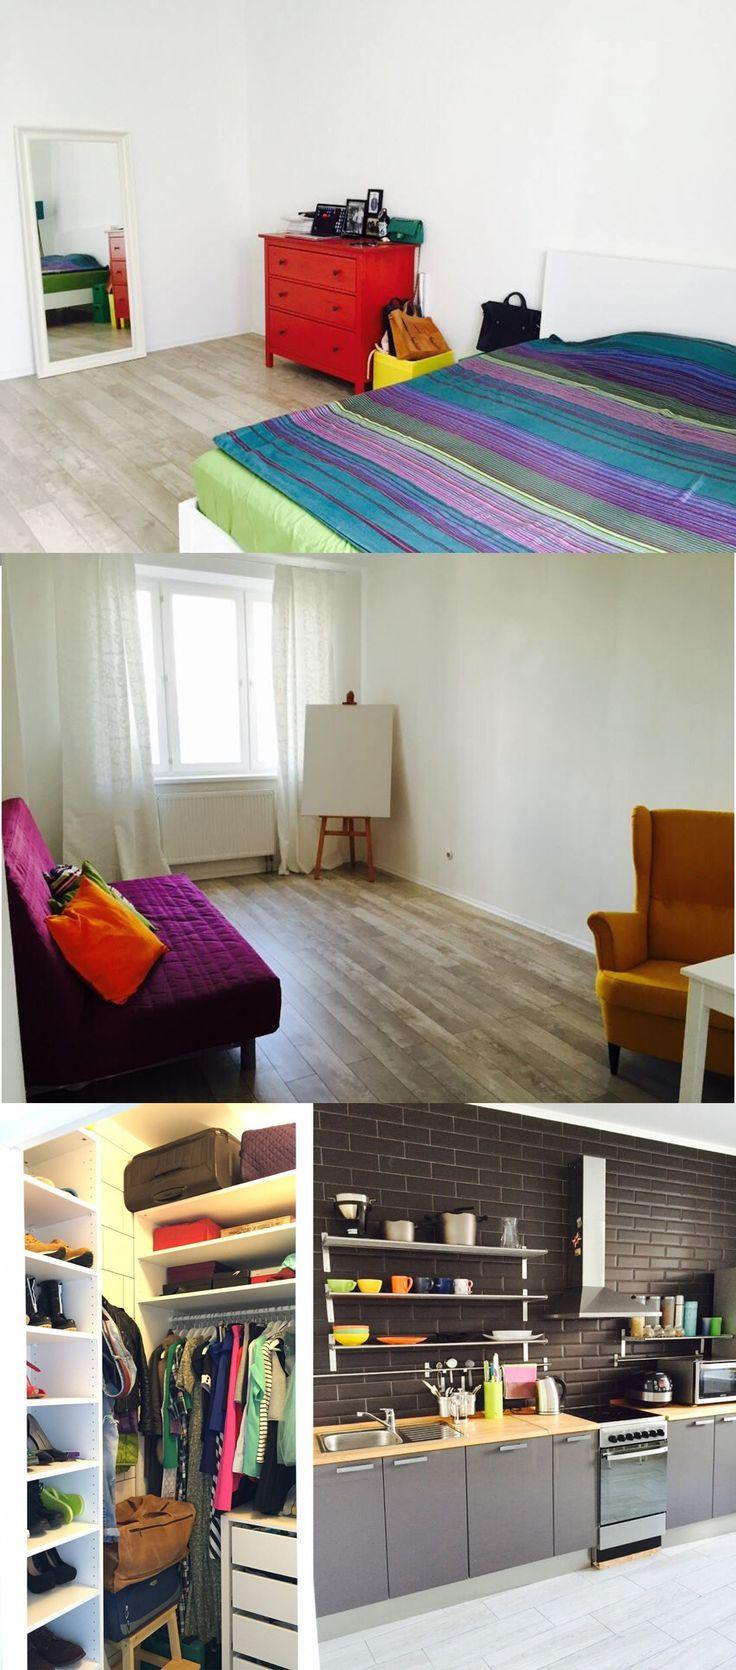 Красный комод, фиолетовый диван, кухня с черным кирпичом